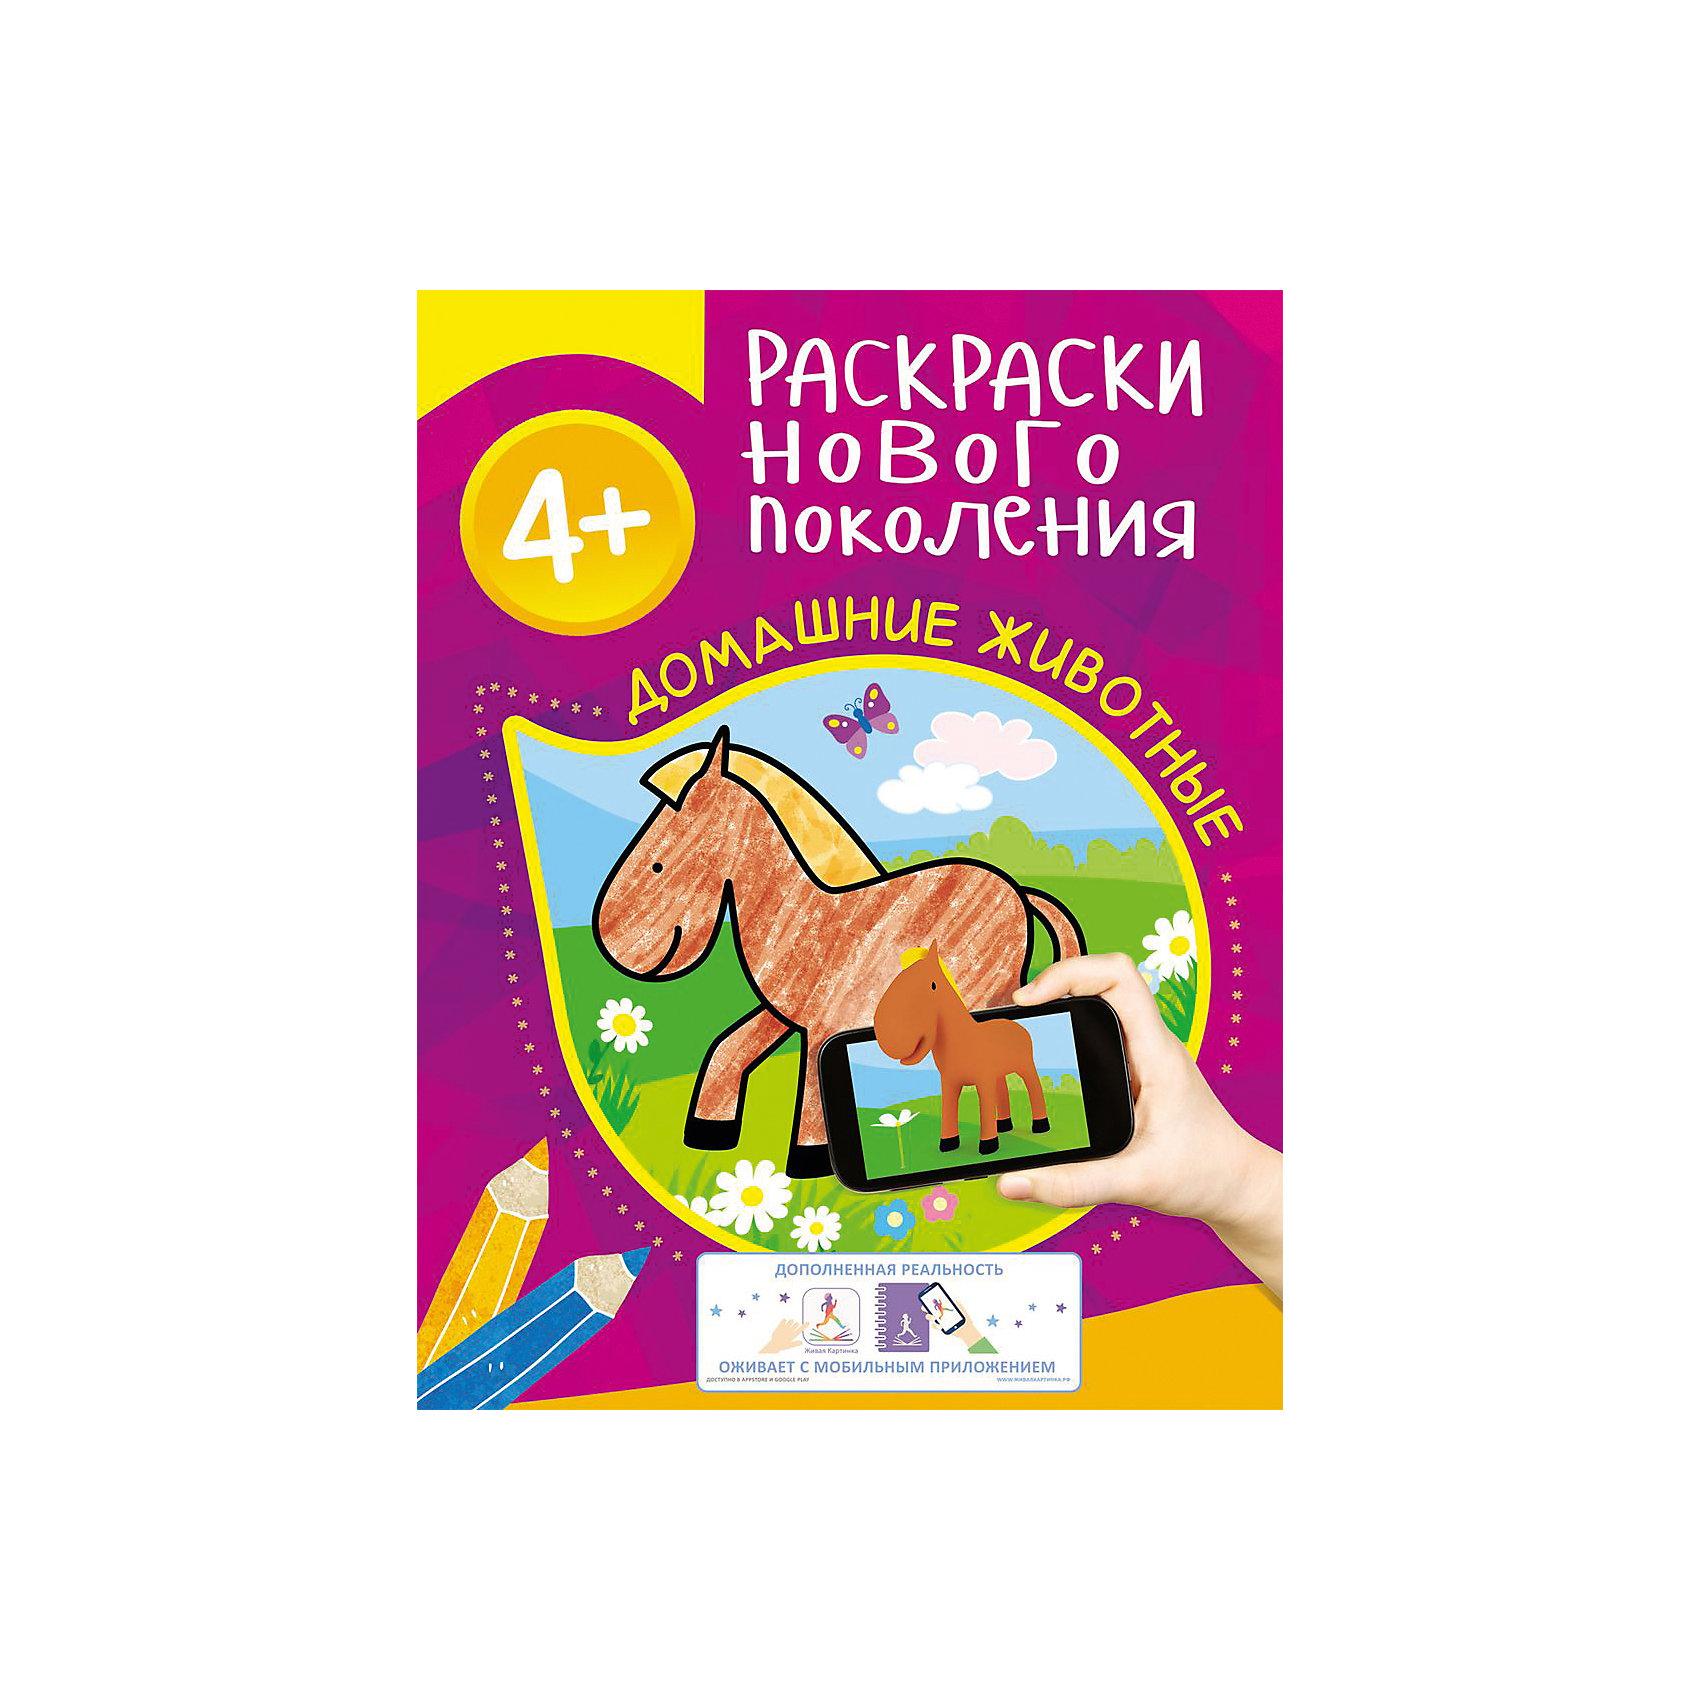 Раскраски нового поколения Домашние животныеКниги для развития творческих навыков<br>Раскраски нового поколения Домашние животные<br><br>Характеристики:<br><br>• ISBN: 9785353081814<br>• Формат: а4<br>• Количество страниц: 16<br>• Возраст: от 3 лет<br>• Обложка: мягкая<br><br>Эта супер-современная раскраска используется вместе с приложением Живая картинка из AppleStore или GooglePlay. Для работы необходимо запустить приложение и навести на обложу, а затем следовать появившейся инструкции. Само приложение полностью бесплатное, а с его помощью ваш ребенок сможет оживить раскрашенные им картинки и услышать стихотворения.<br><br>Раскраски нового поколения Домашние животные можно купить в нашем интернет-магазине.<br><br>Ширина мм: 275<br>Глубина мм: 213<br>Высота мм: 30<br>Вес г: 85<br>Возраст от месяцев: 36<br>Возраст до месяцев: 2147483647<br>Пол: Унисекс<br>Возраст: Детский<br>SKU: 5507143